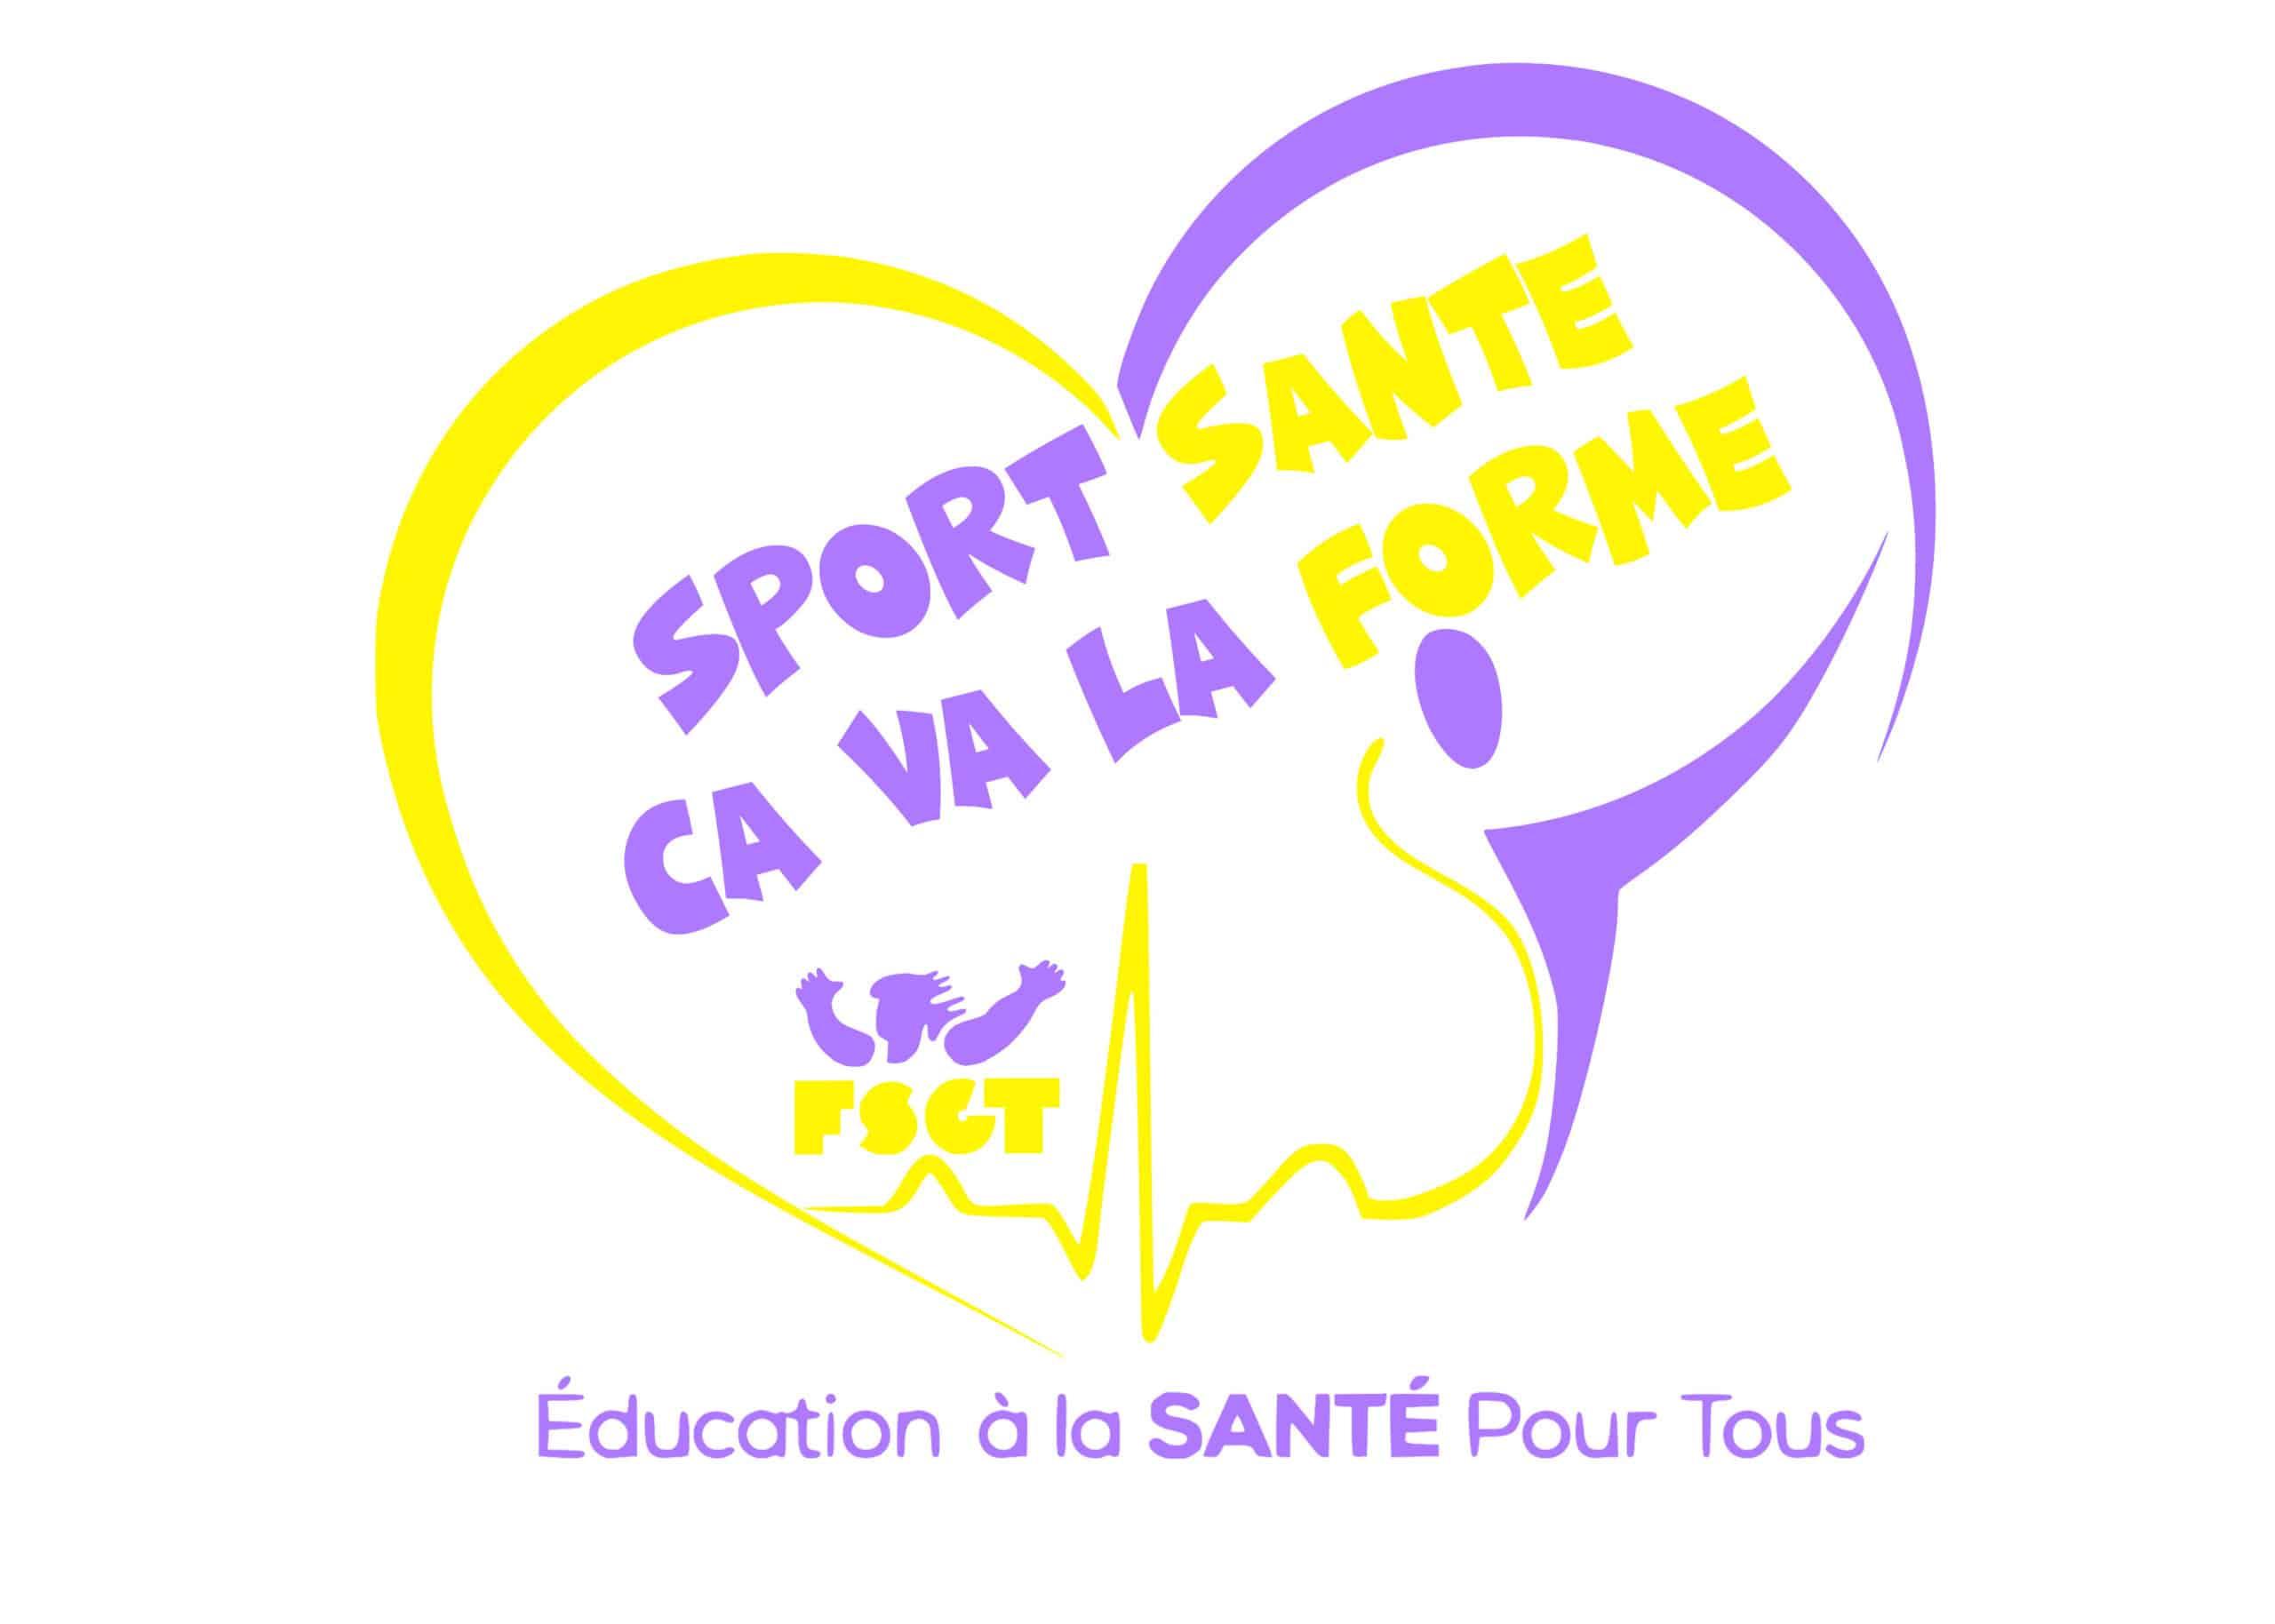 logo du label sport santé ça va la forme